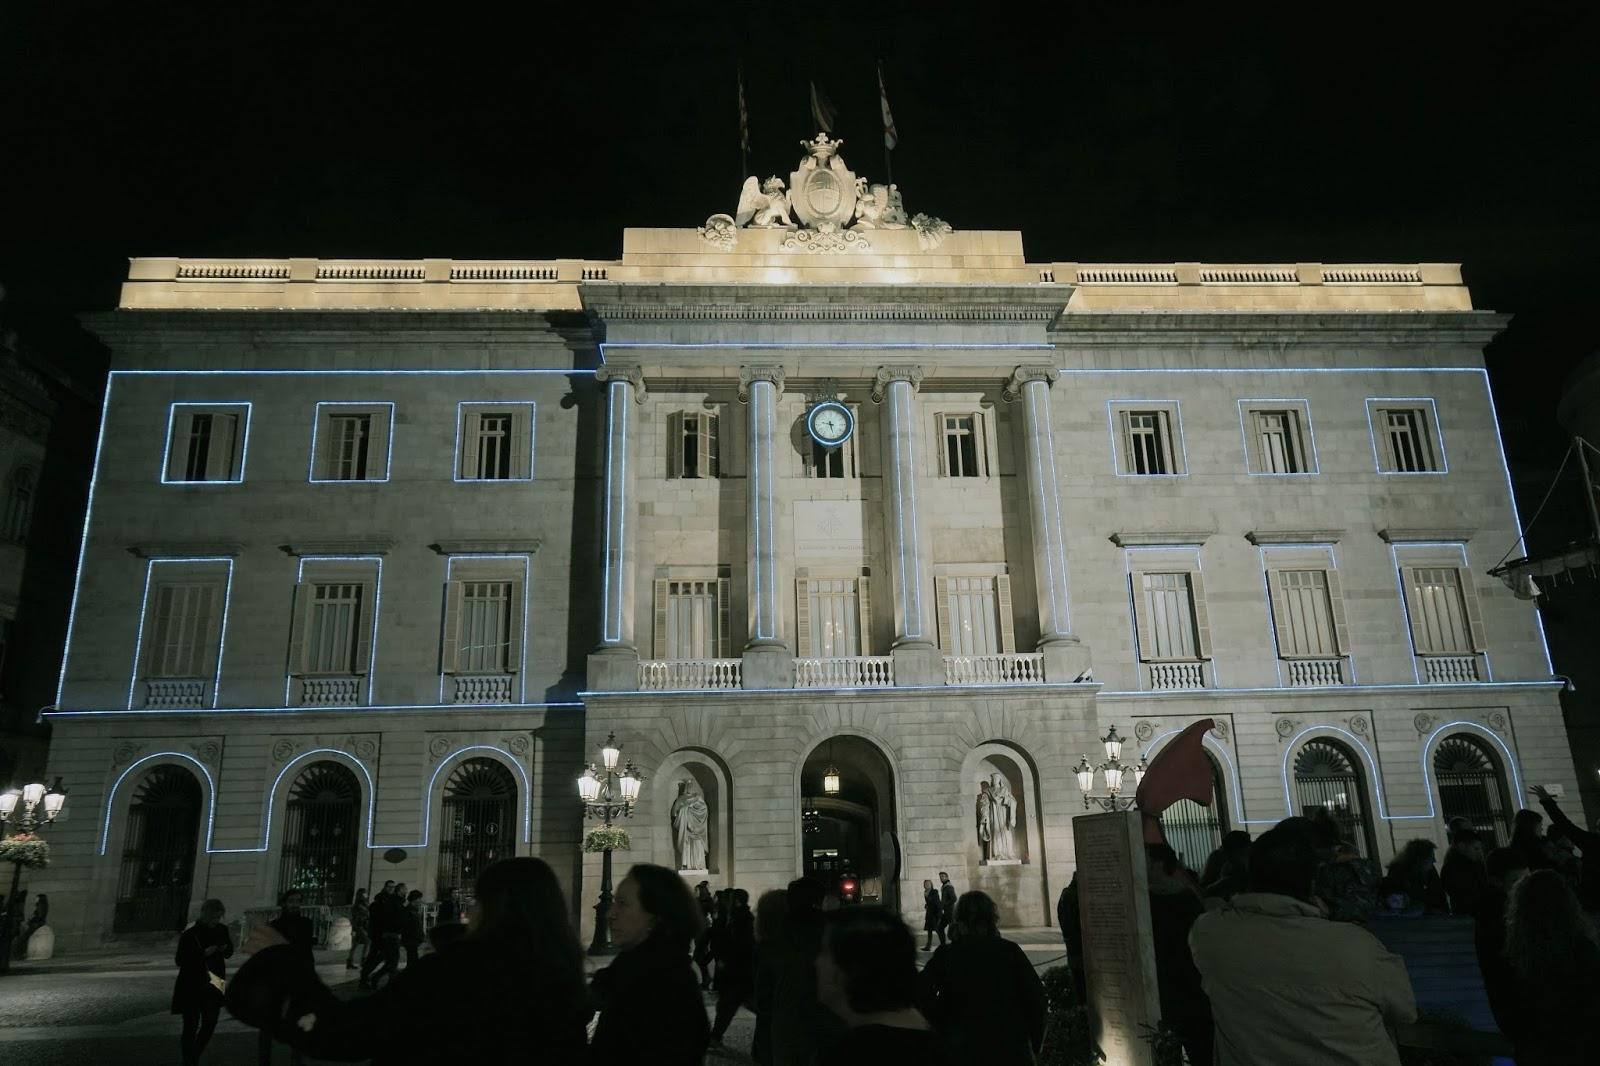 バルセロナ市庁舎